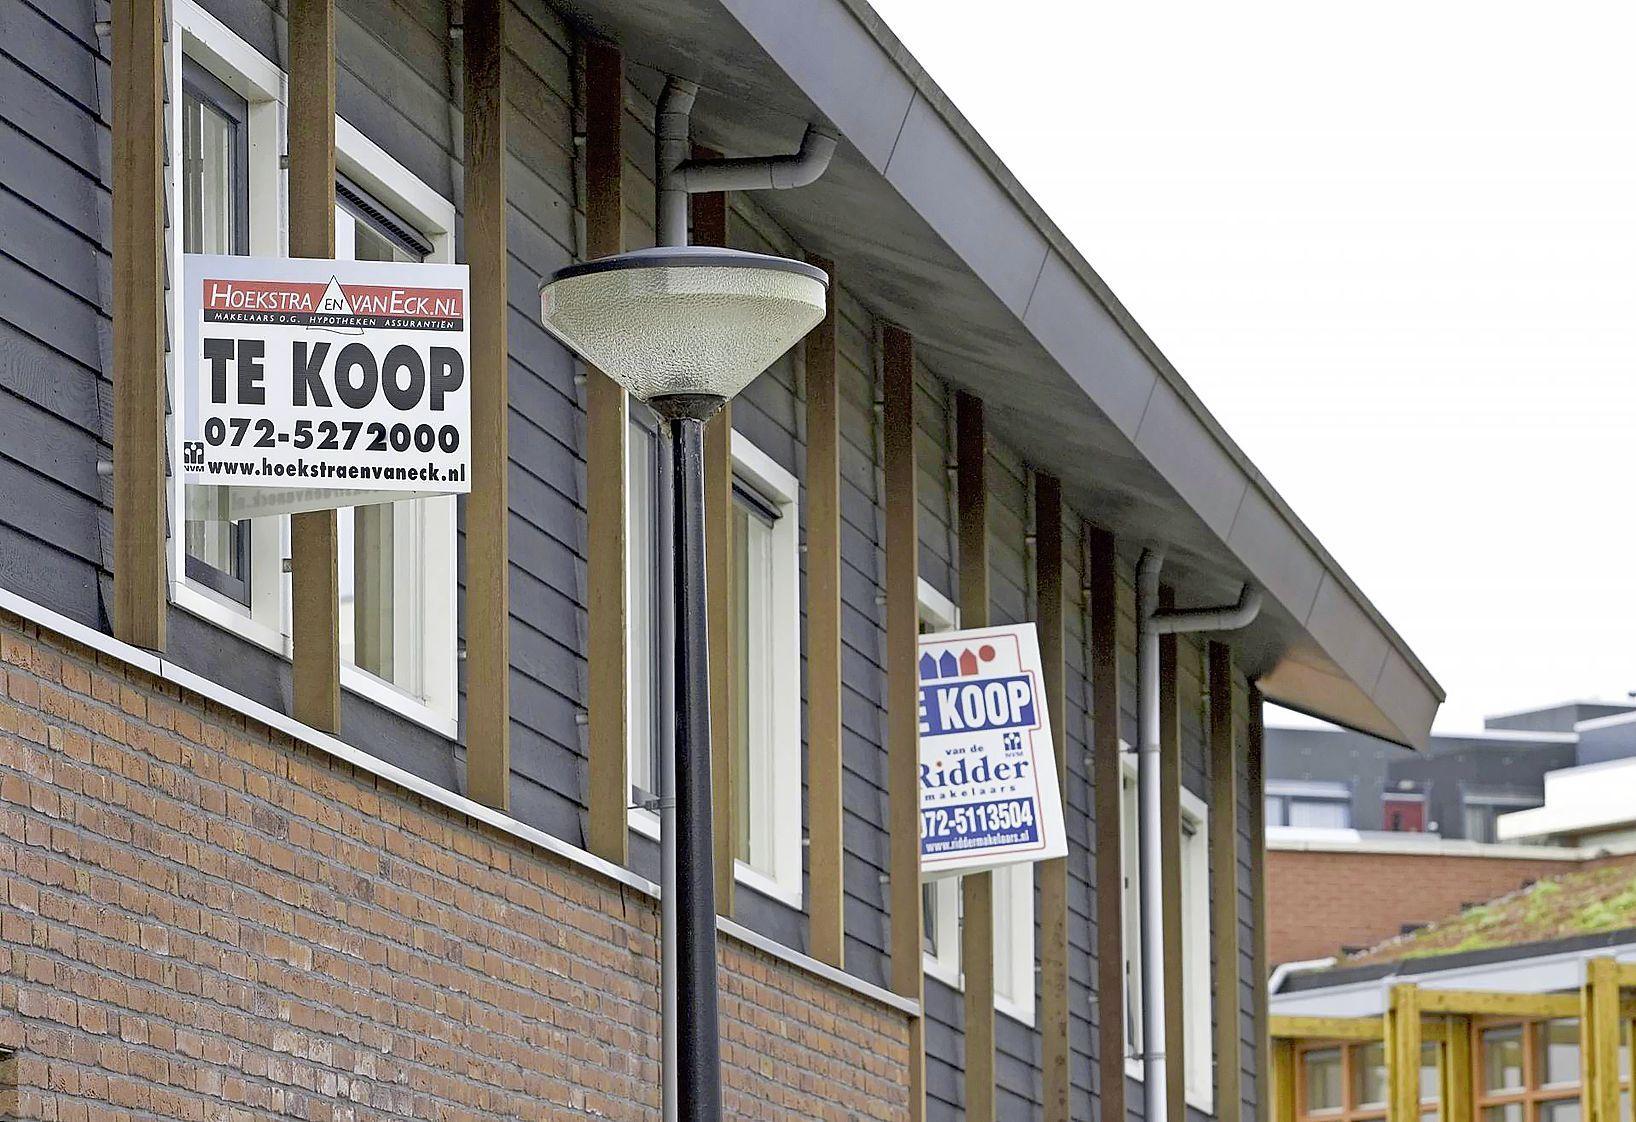 De schaarste op de woningmarkt dreigt uit de hand te lopen, zegt de makelaar